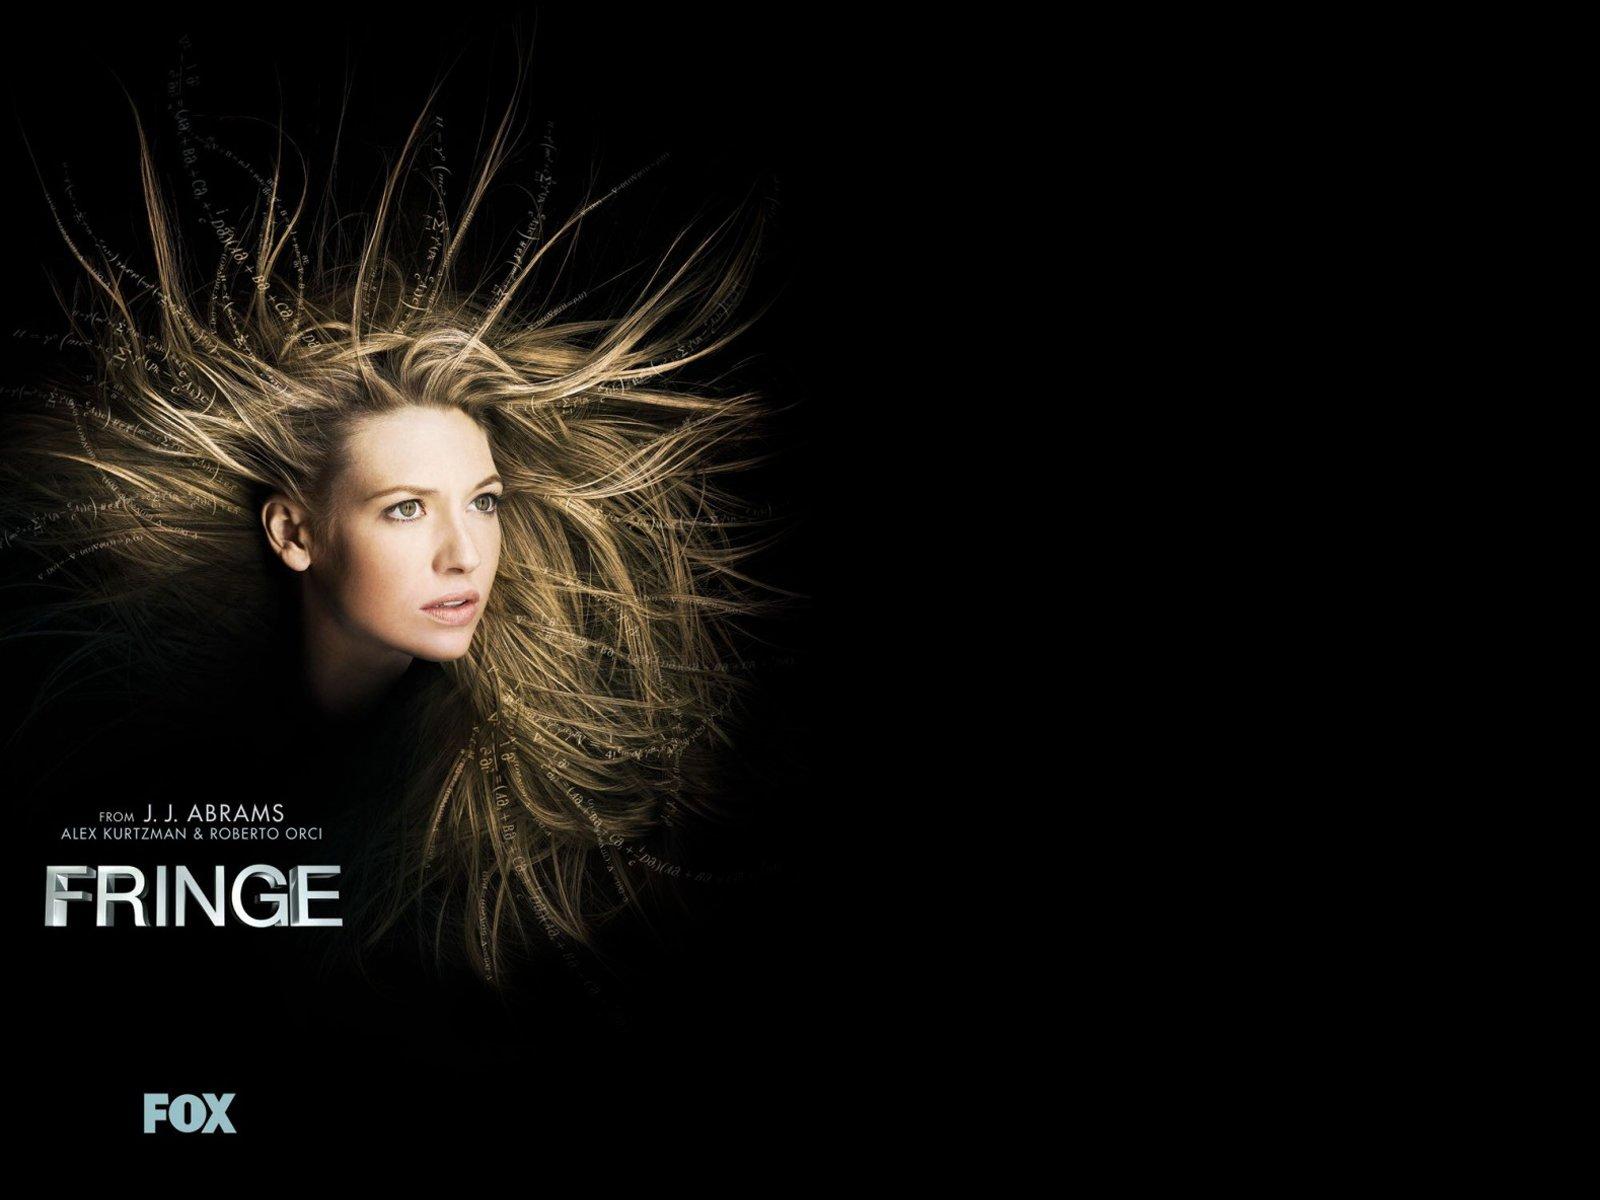 Сериал побег 4 сезон смотреть все серии онлайн бесплатно.